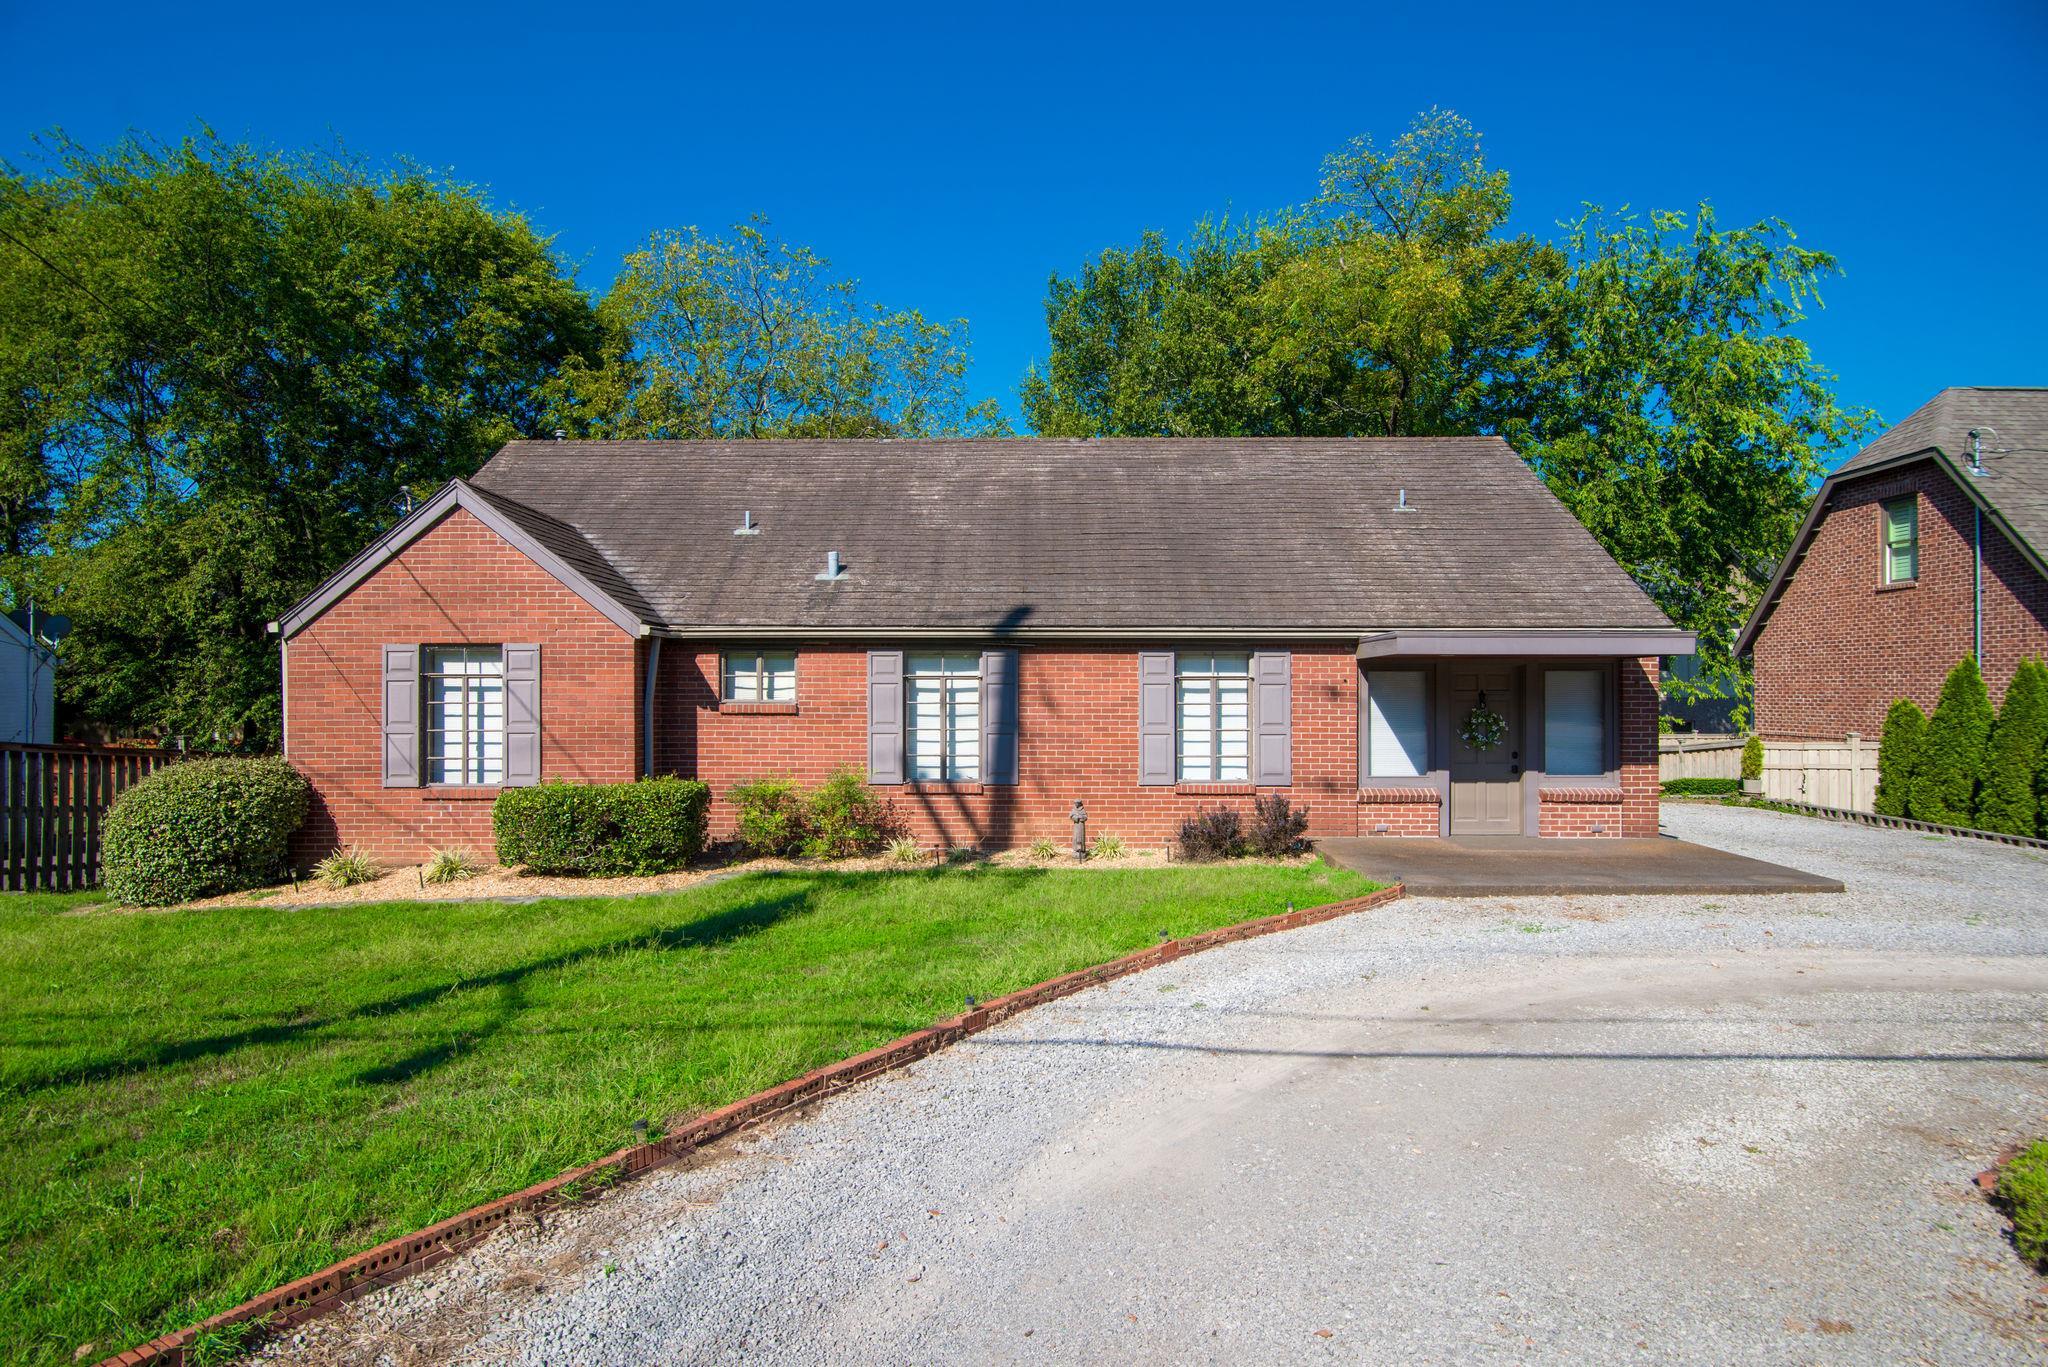 Nashville - Green Hills Homes for Sale -  Single Story,  613 Estes Road